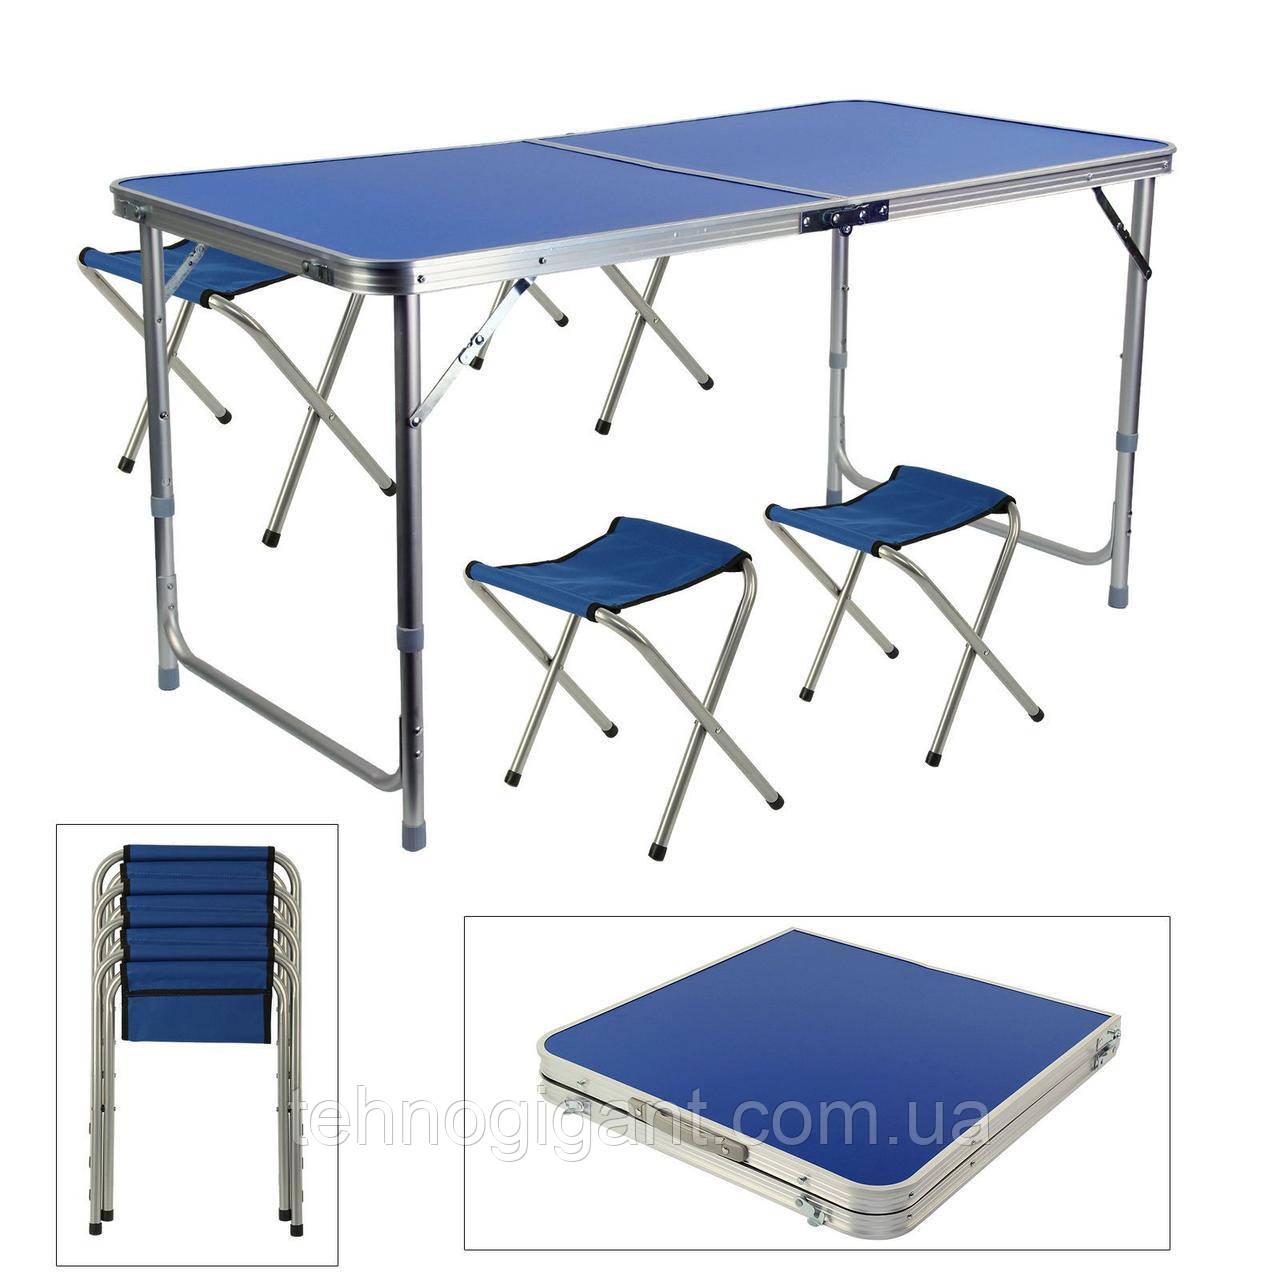 Стол для пикника усиленный с 4 стульями Folding Table, стол туристический складной, 120х60х55 см (синий)